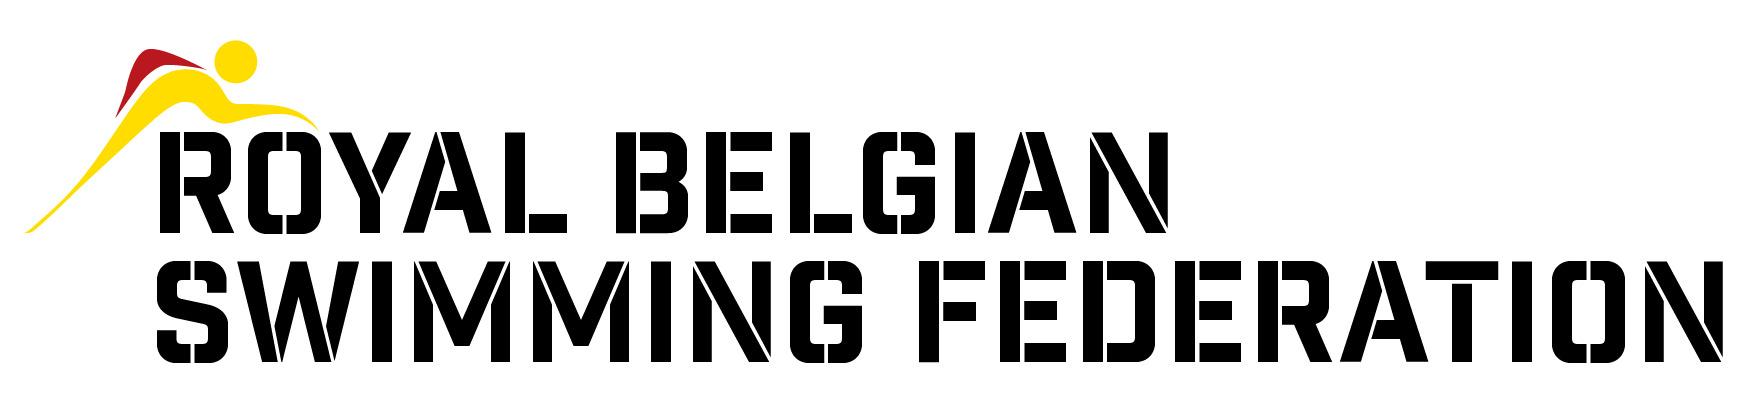 ADJUDICATIONS CHAMPIONNATS DE BELGIQUE 2022